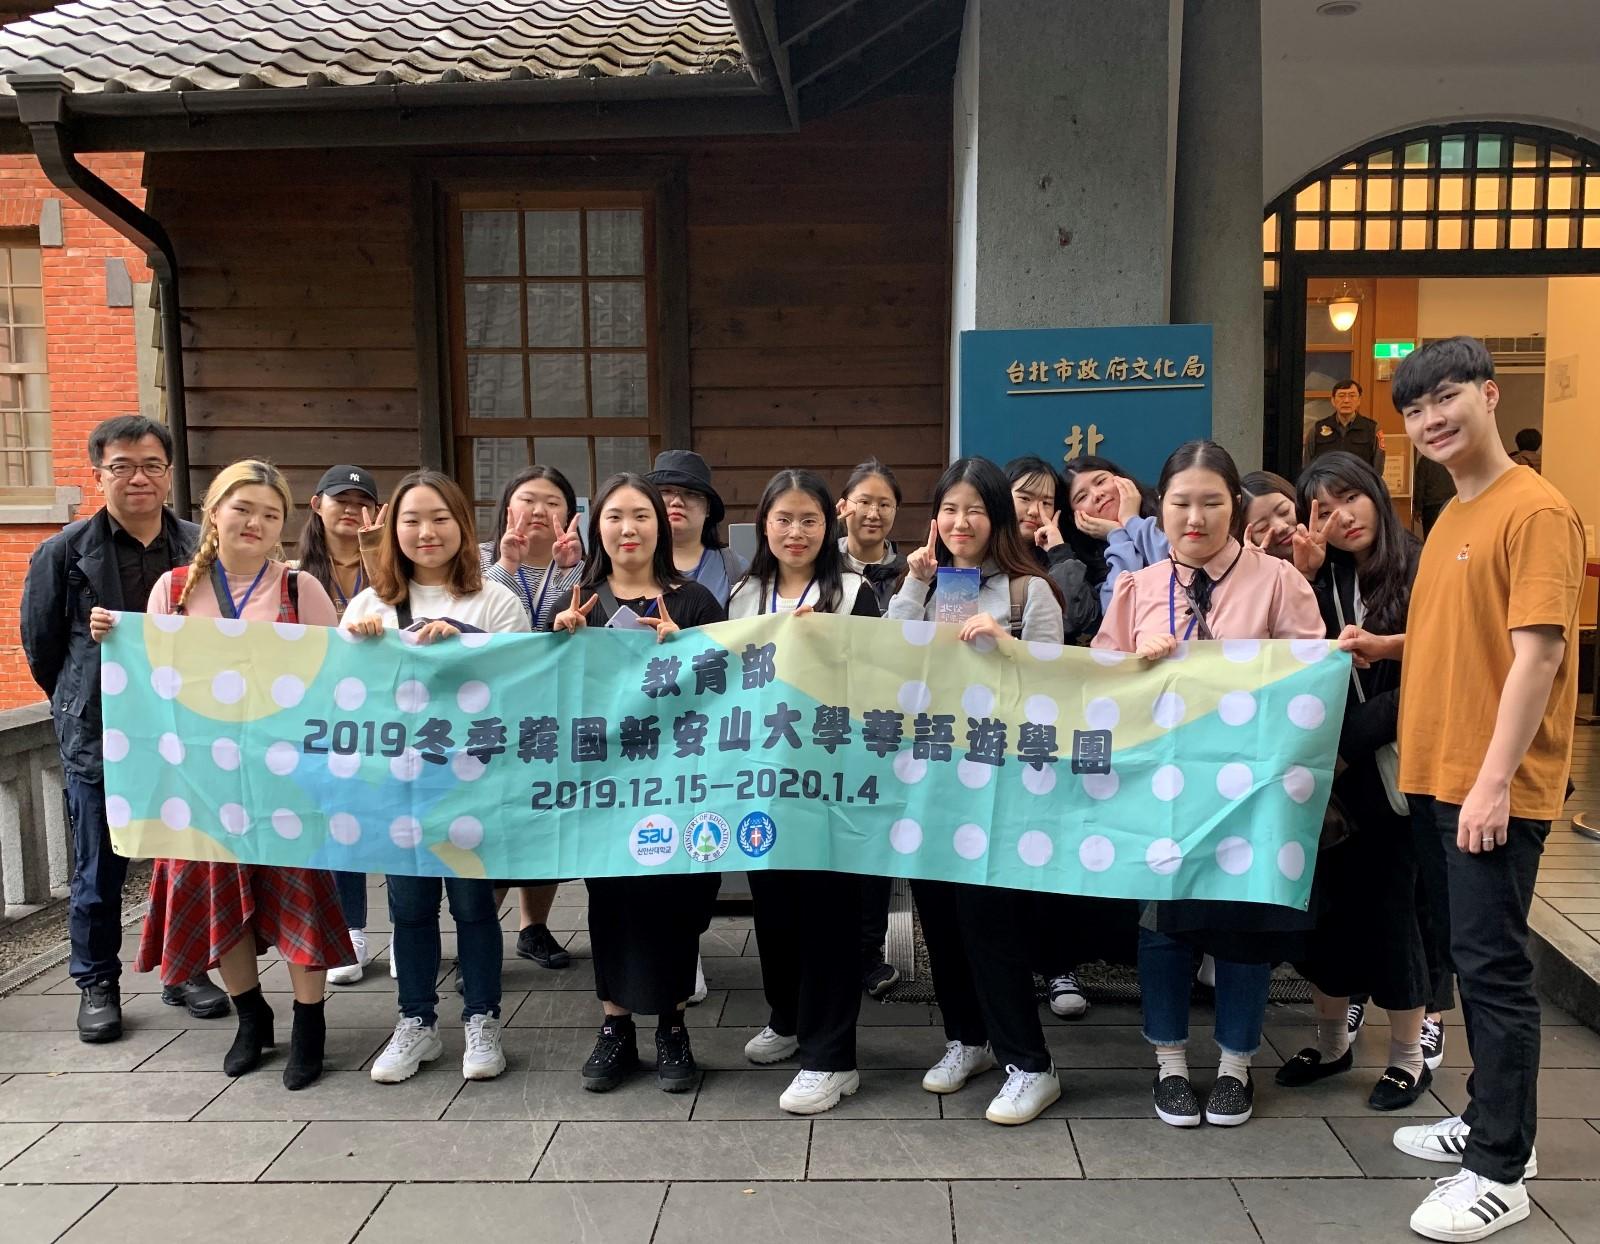 韓國新安山大學學子來台體驗中華文化,到各地參訪交流。.jpg